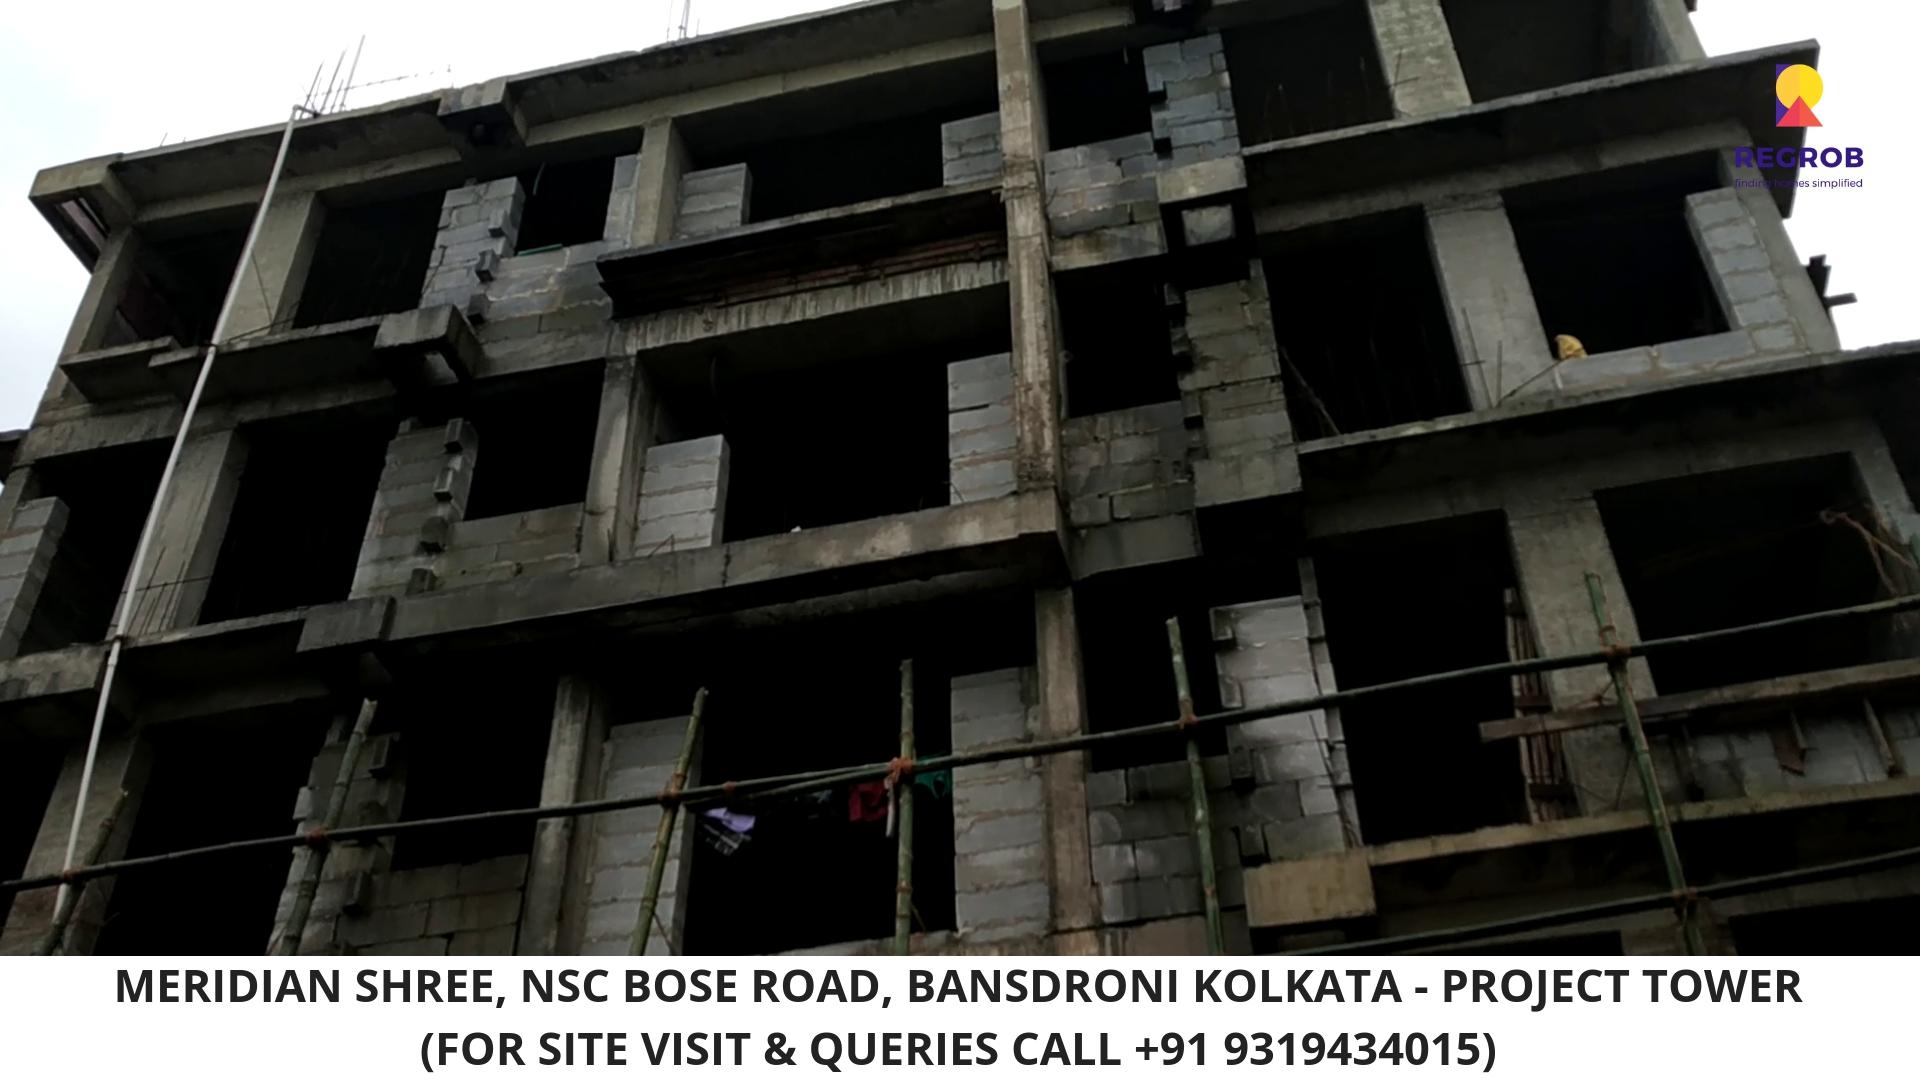 Meridian Shree NSC Bose Road, Bansdroni Kolkata